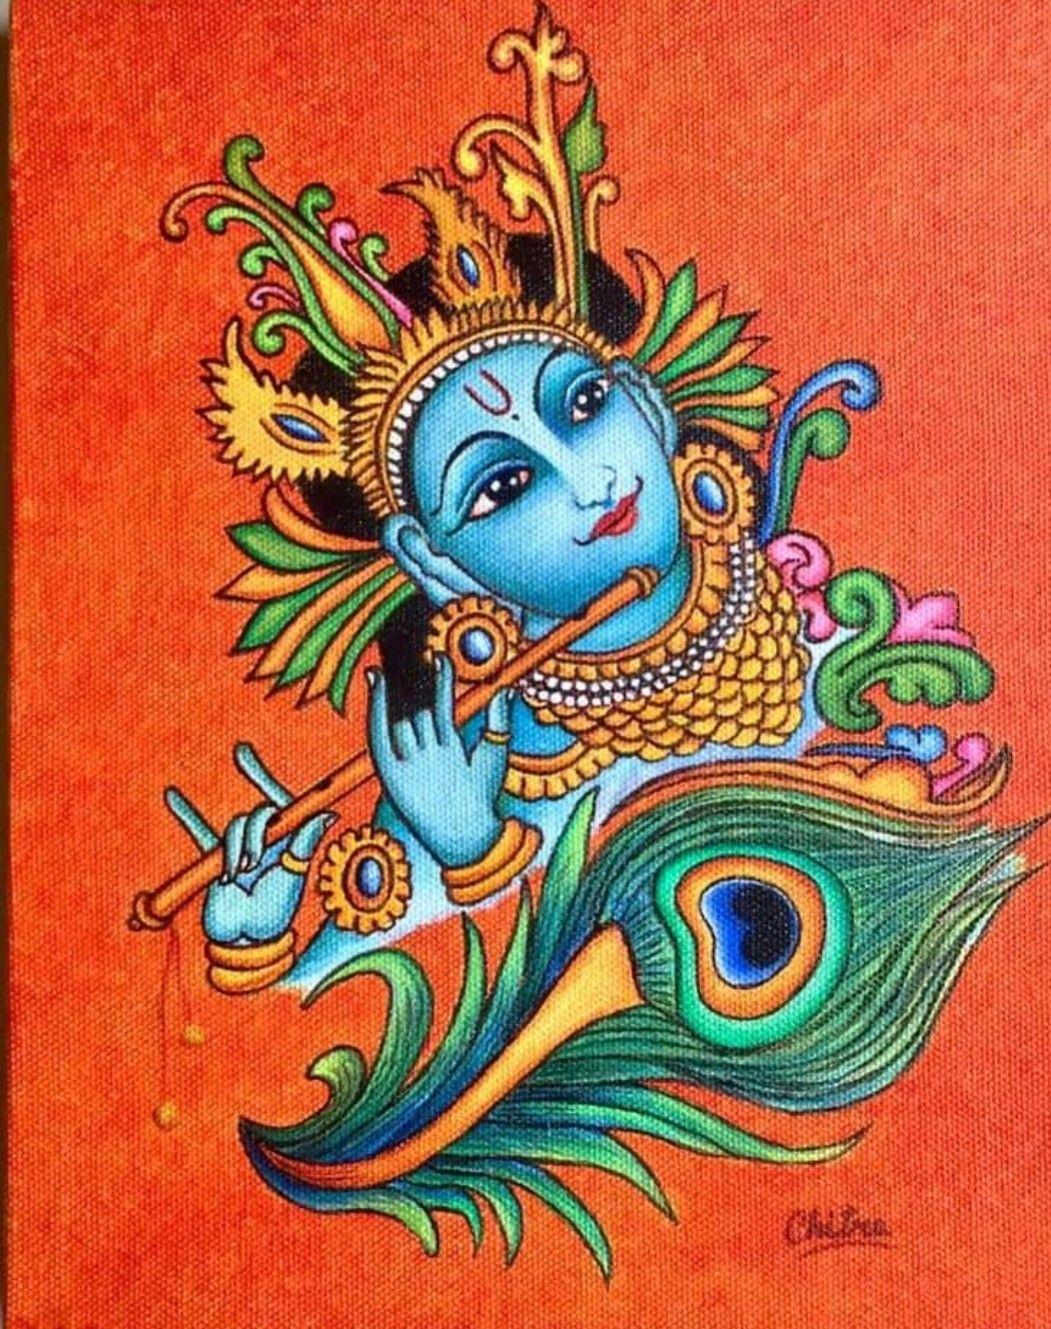 900+ Kerala Mural Paintings ideas in 2021 | kerala mural painting, mural  painting, mural